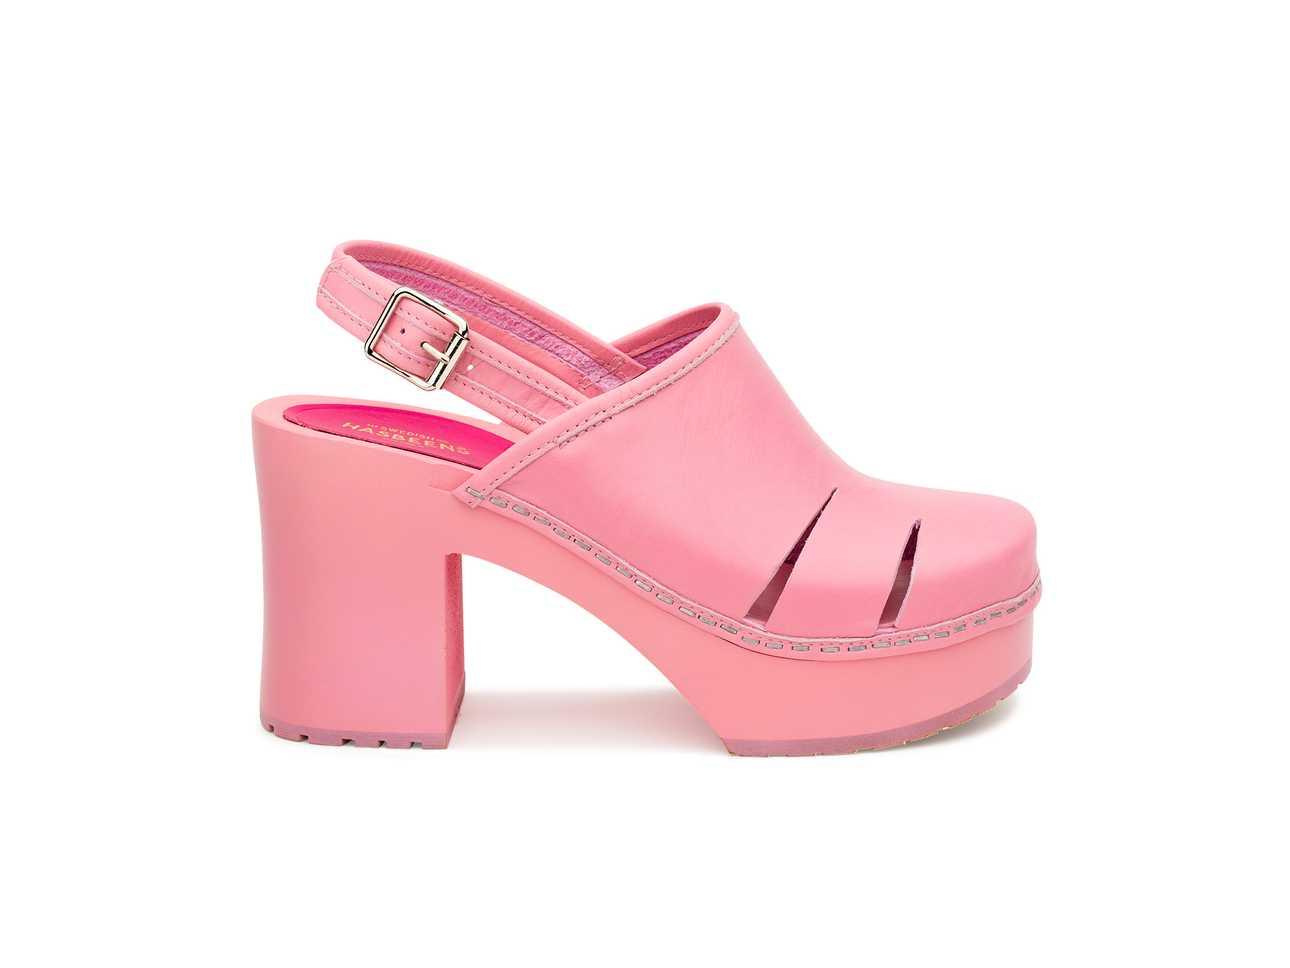 Baskemölla Slingback Bubble Gum Pink